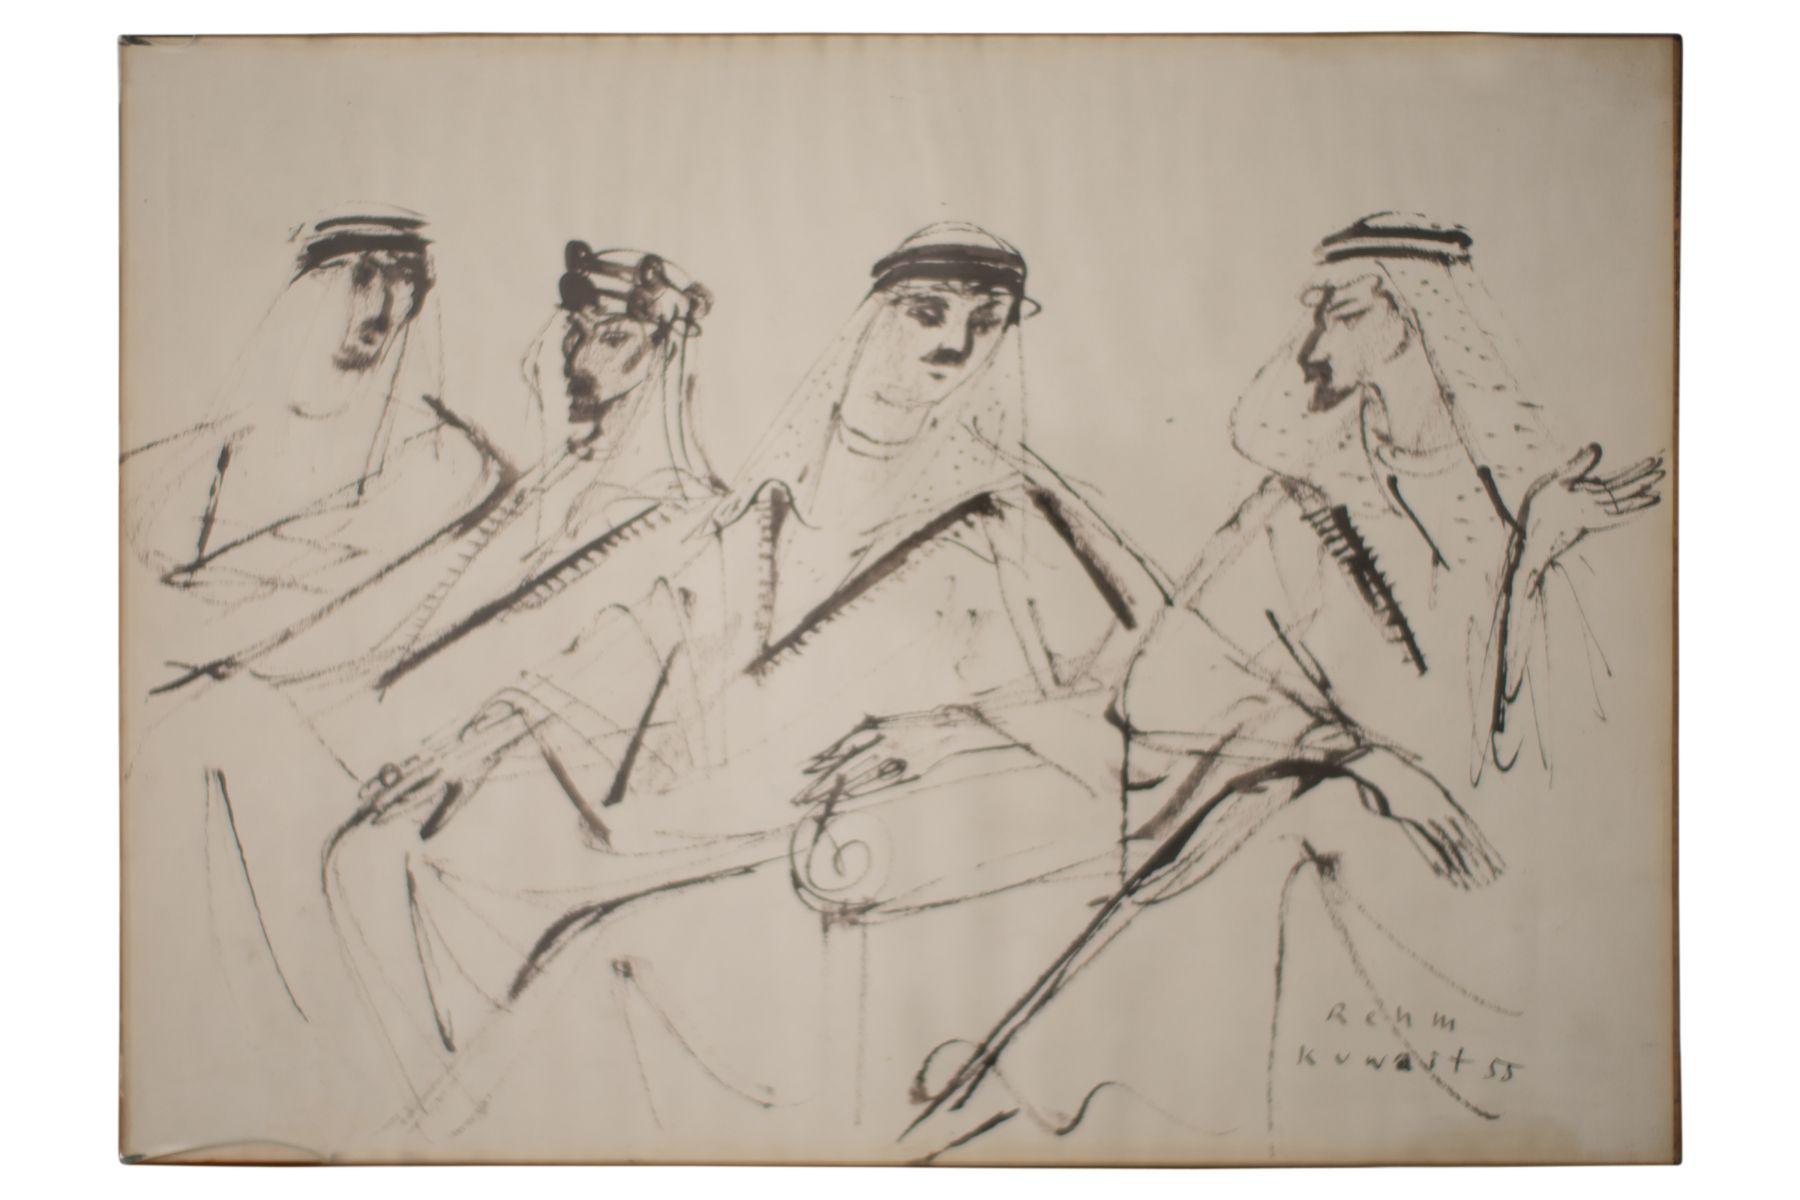 #141 Helmut Rehm (1911–1991), Portrait of Arabs, Kuwait, 1955 | Helmut Rehm (1911–1991), Porträt von Arabern, Kuwait, 1955 Image